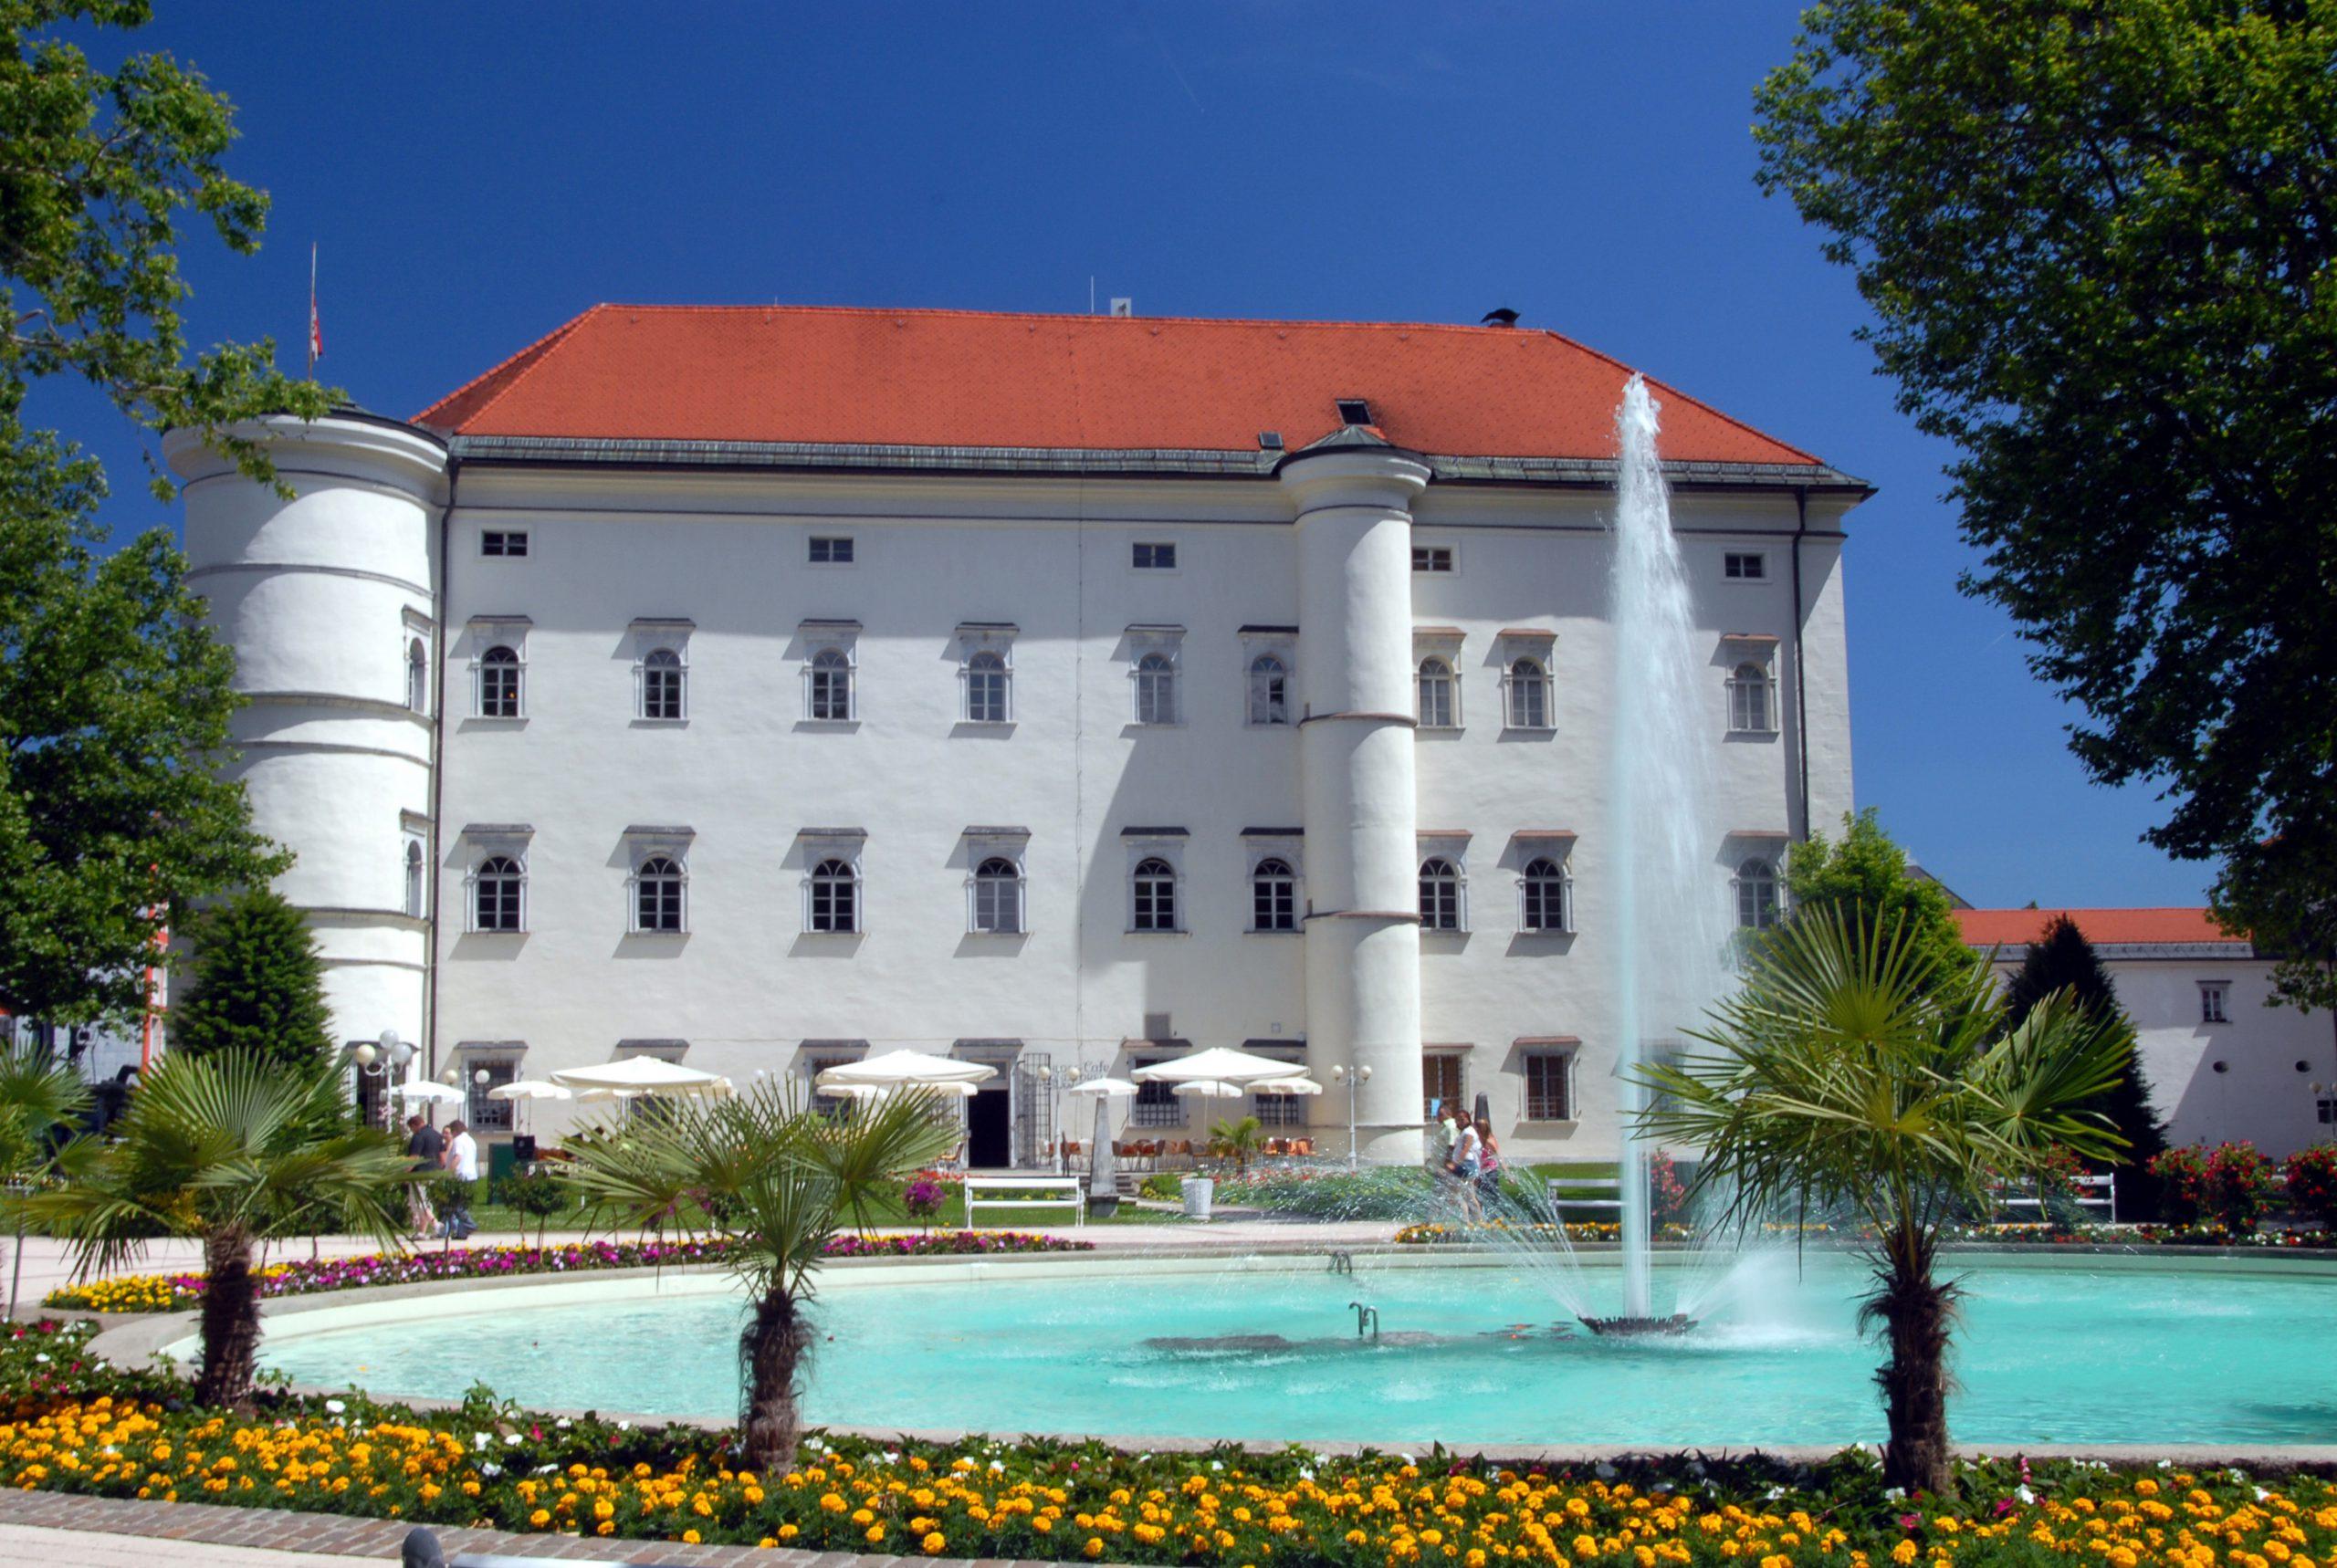 in Spittal an der Drau Radfahren und Kultur verbinden und das historische Schloss Porcia besuchen